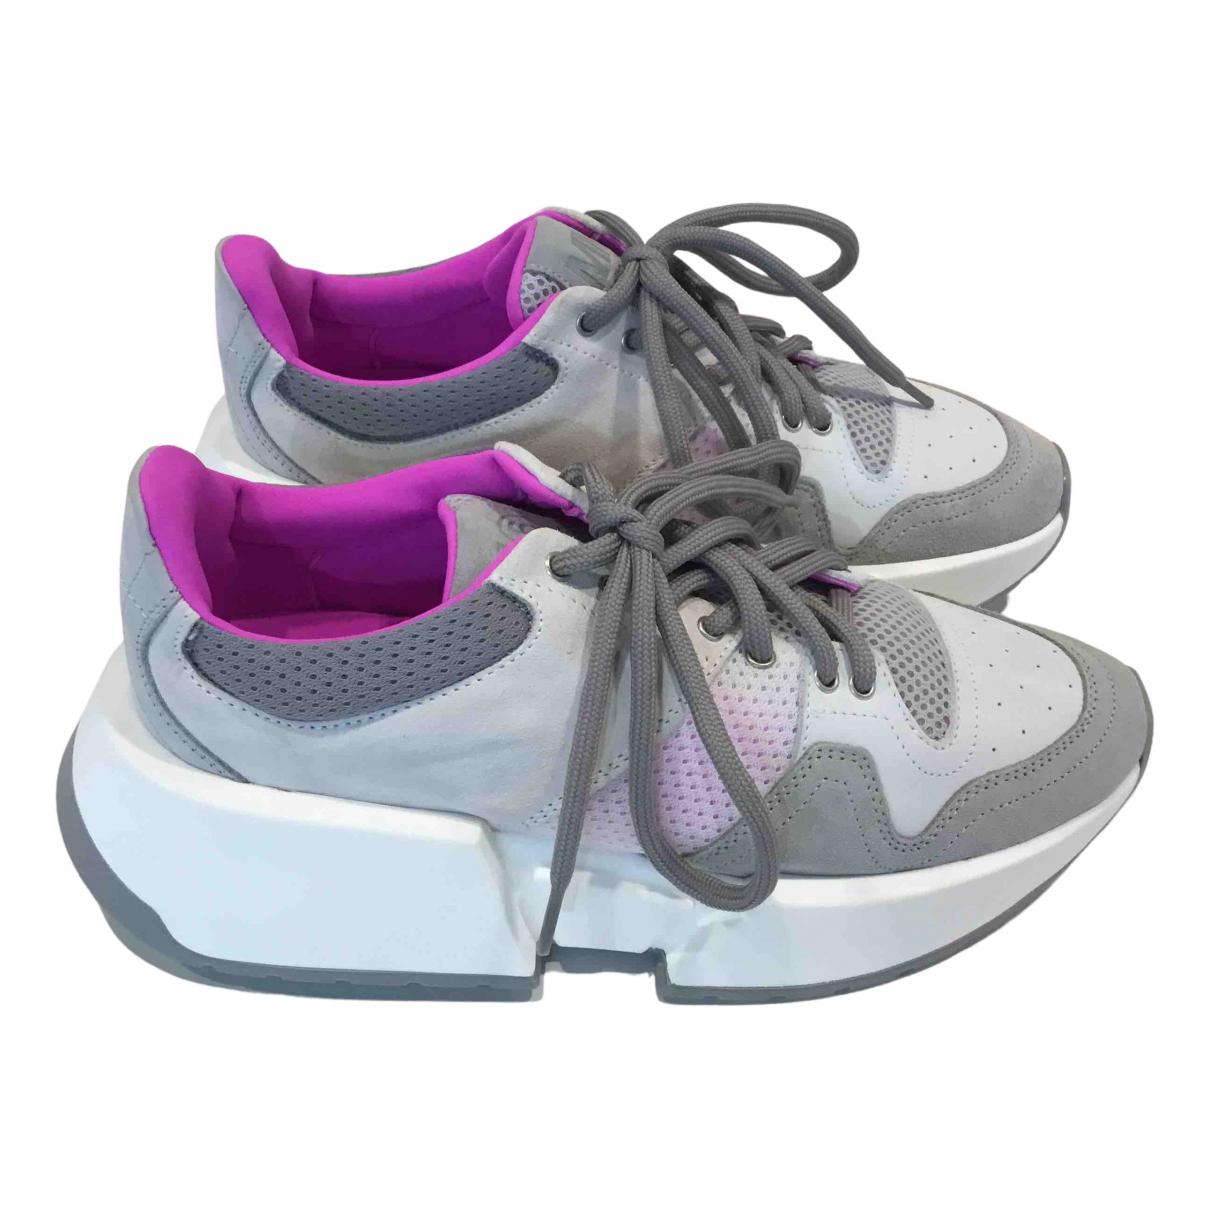 Mm6 \N Sneakers in  Lila Kunststoff